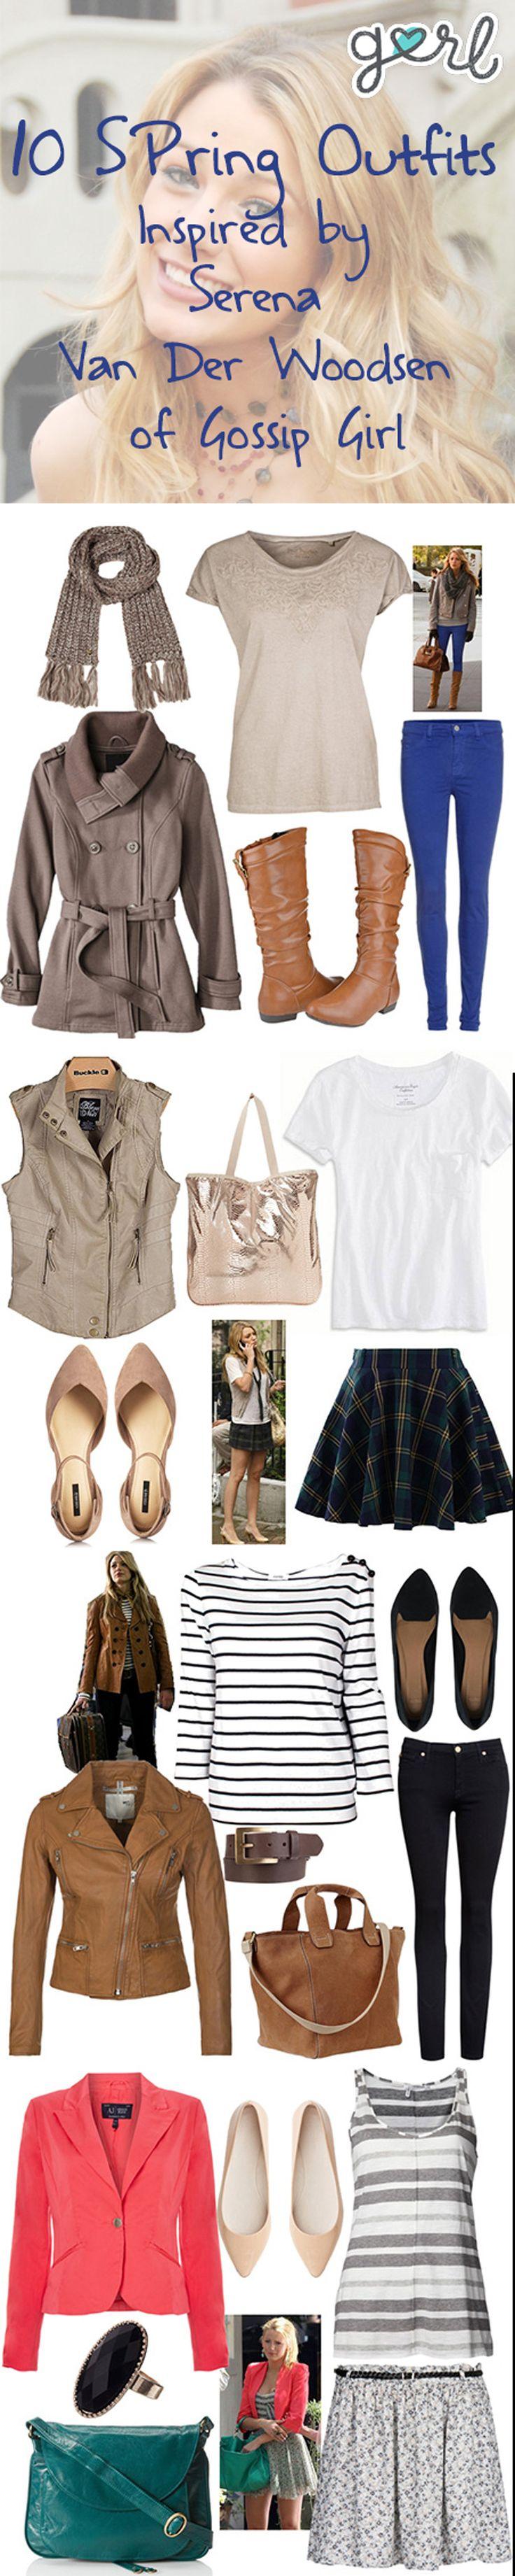 10 Cute Spring Outfits Inspired By Serena Van Der Woodsen Of Gossip Girl